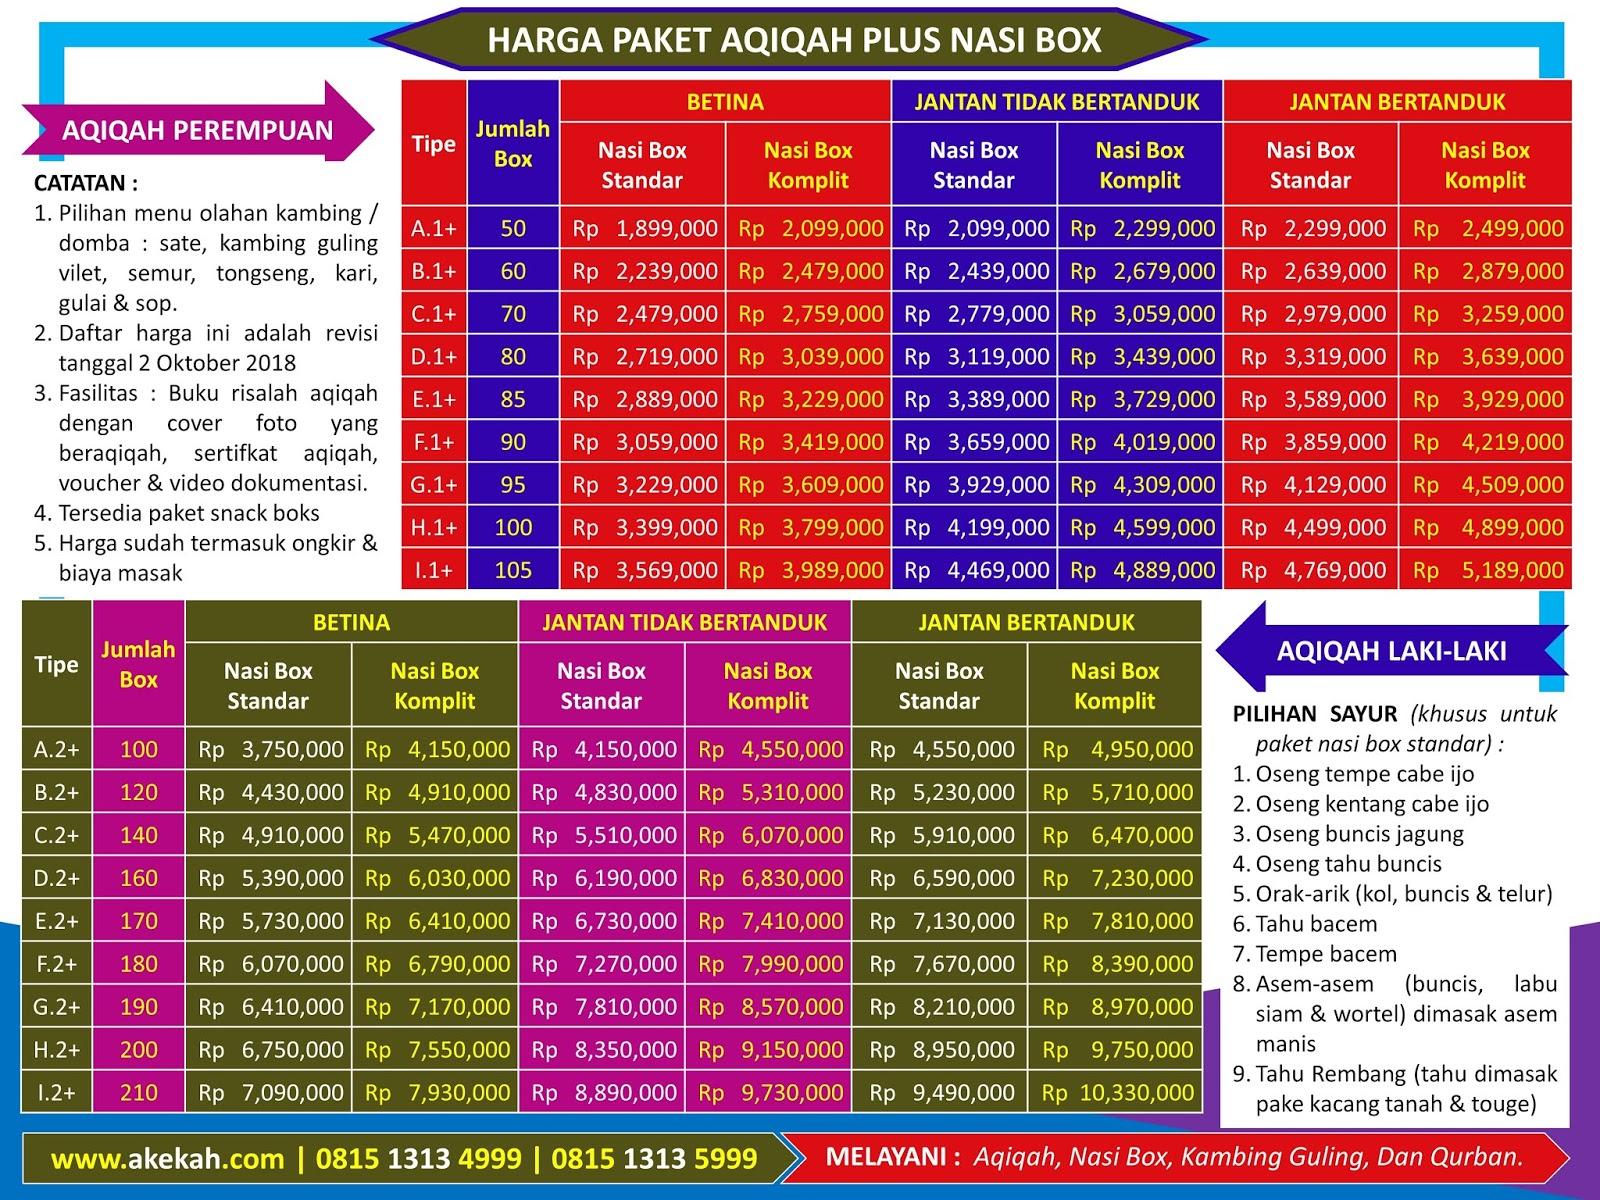 Layanan Akikah Dan Catering Plus Untuk Anak Wilayah Cijeruk Kabupaten Bogor Jawa Barat